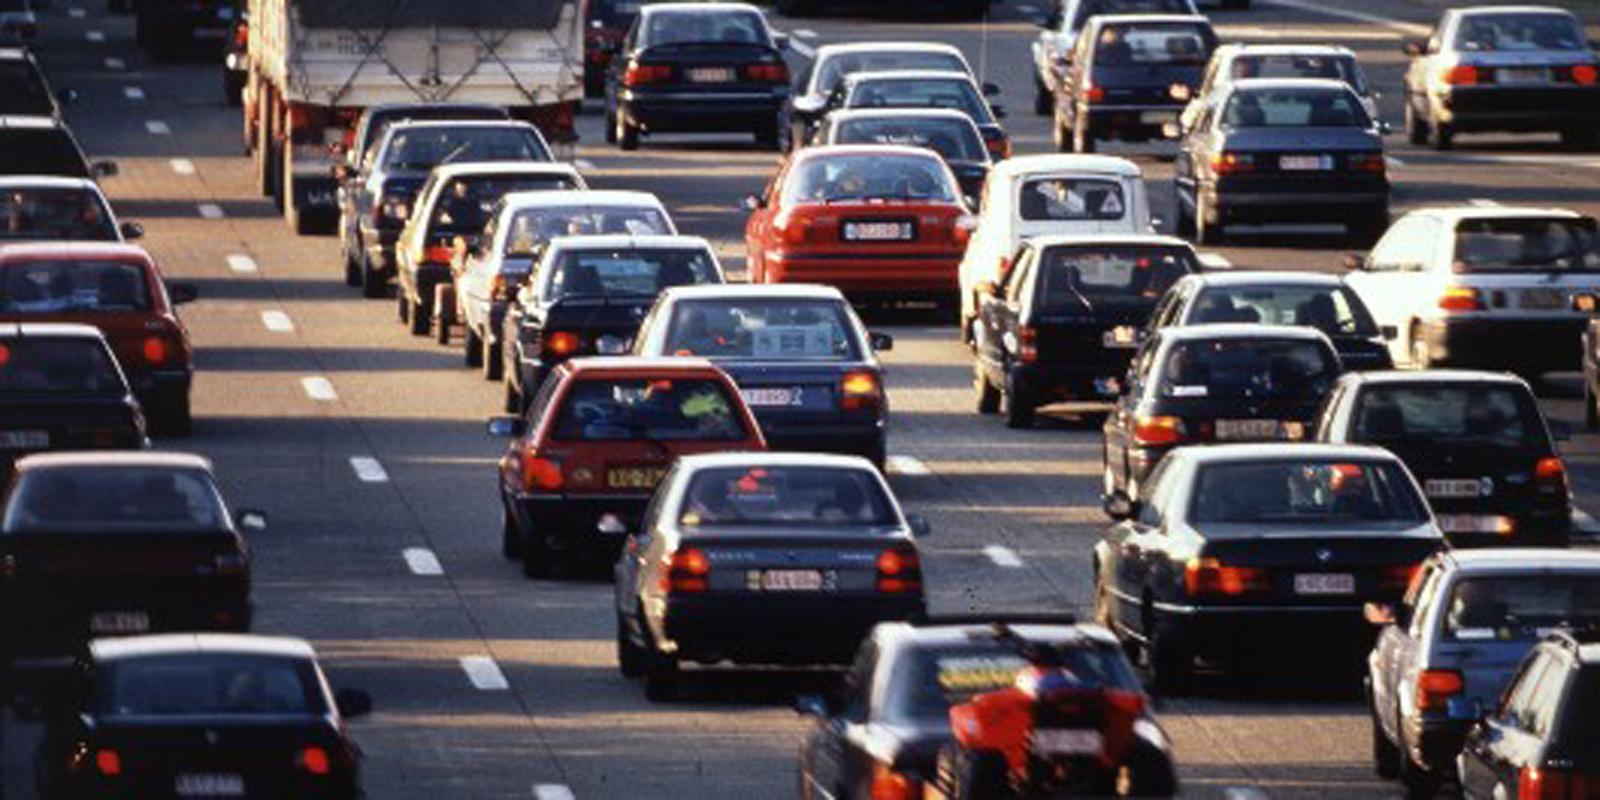 Le bruit du trafic routier responsable de la mort de plusieurs personnes